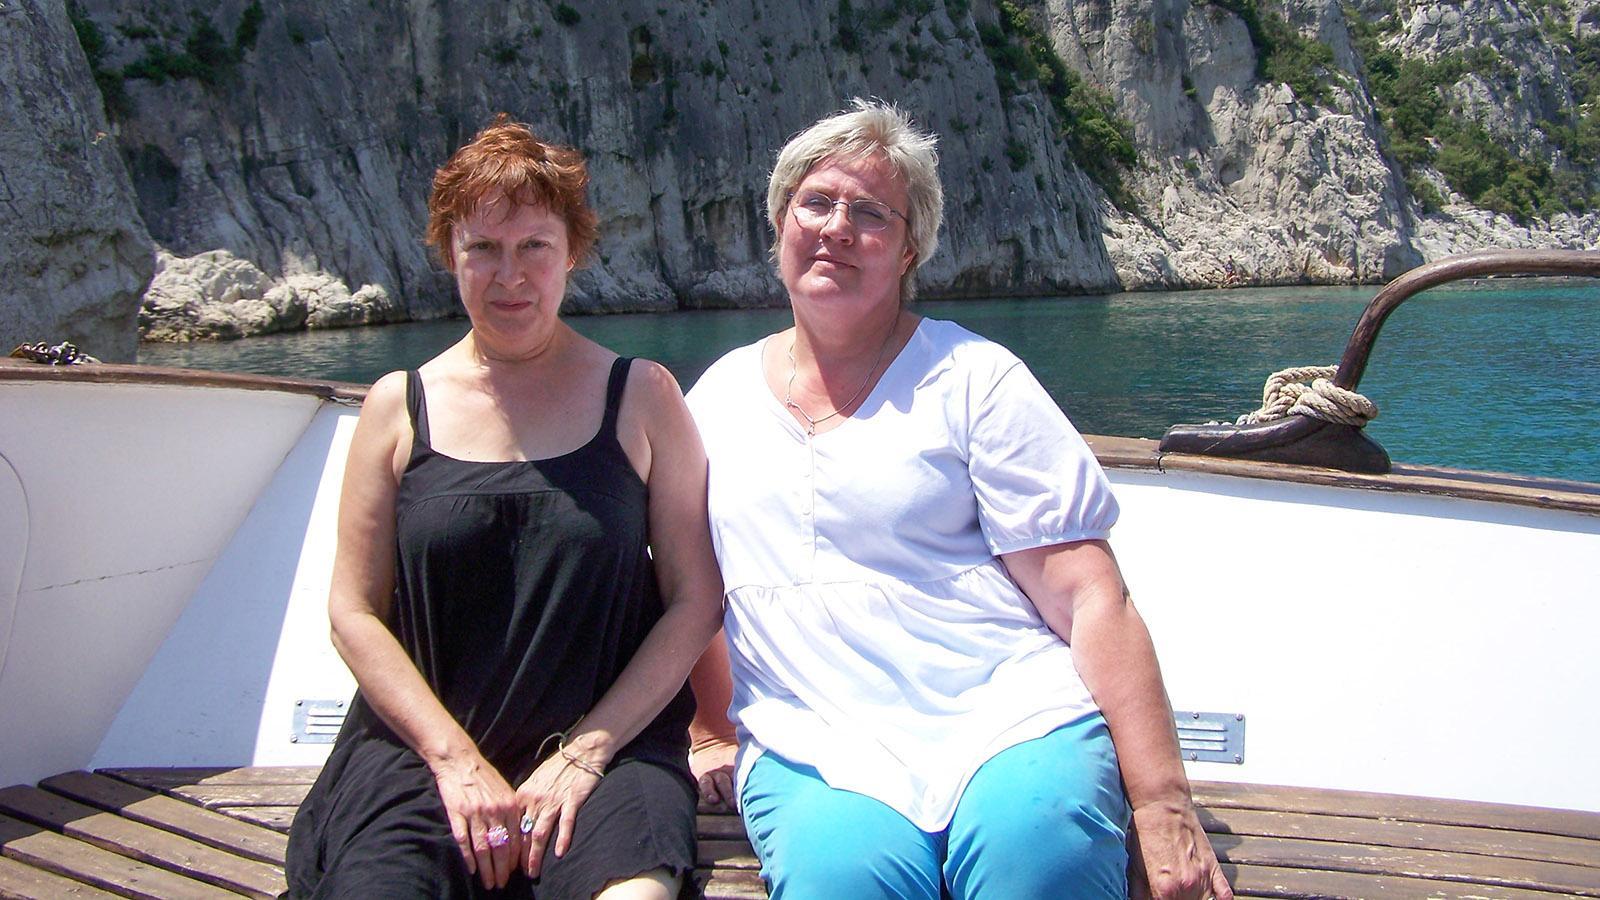 Meine bretonische beste Freundin und ich auf einer Bootsfahrt durch die Calanques zwischen Cassis und Marseille. Christine ist im Juli 2014 mit 59 Jahren an einer Gehirnblutung verstorben.